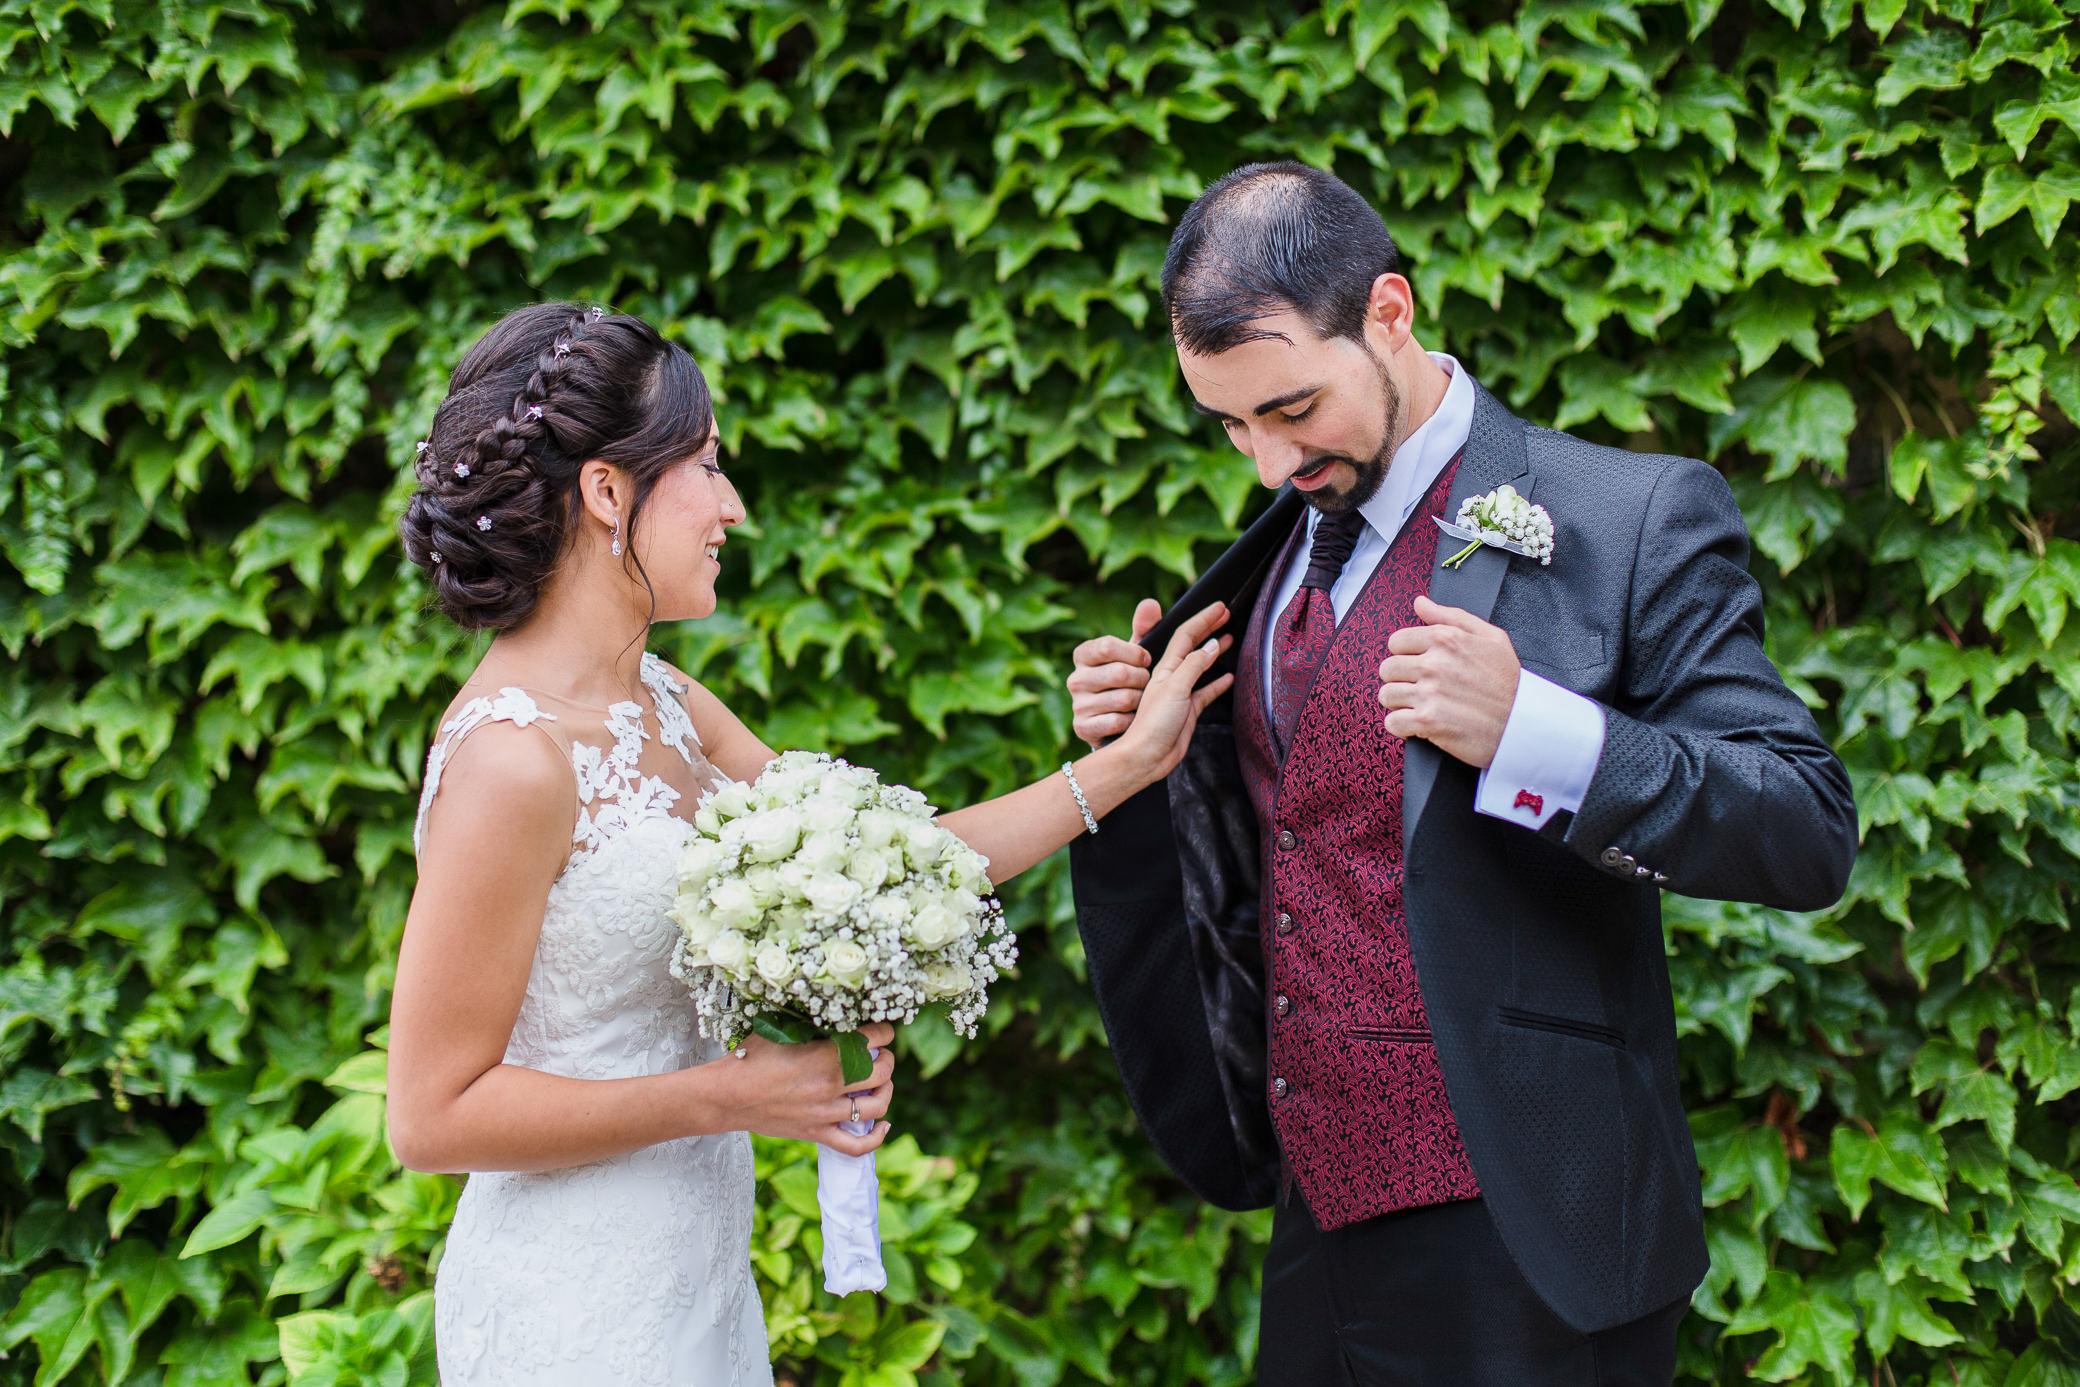 boda-aire-libre-can-tosca-photografeel-22.jpg